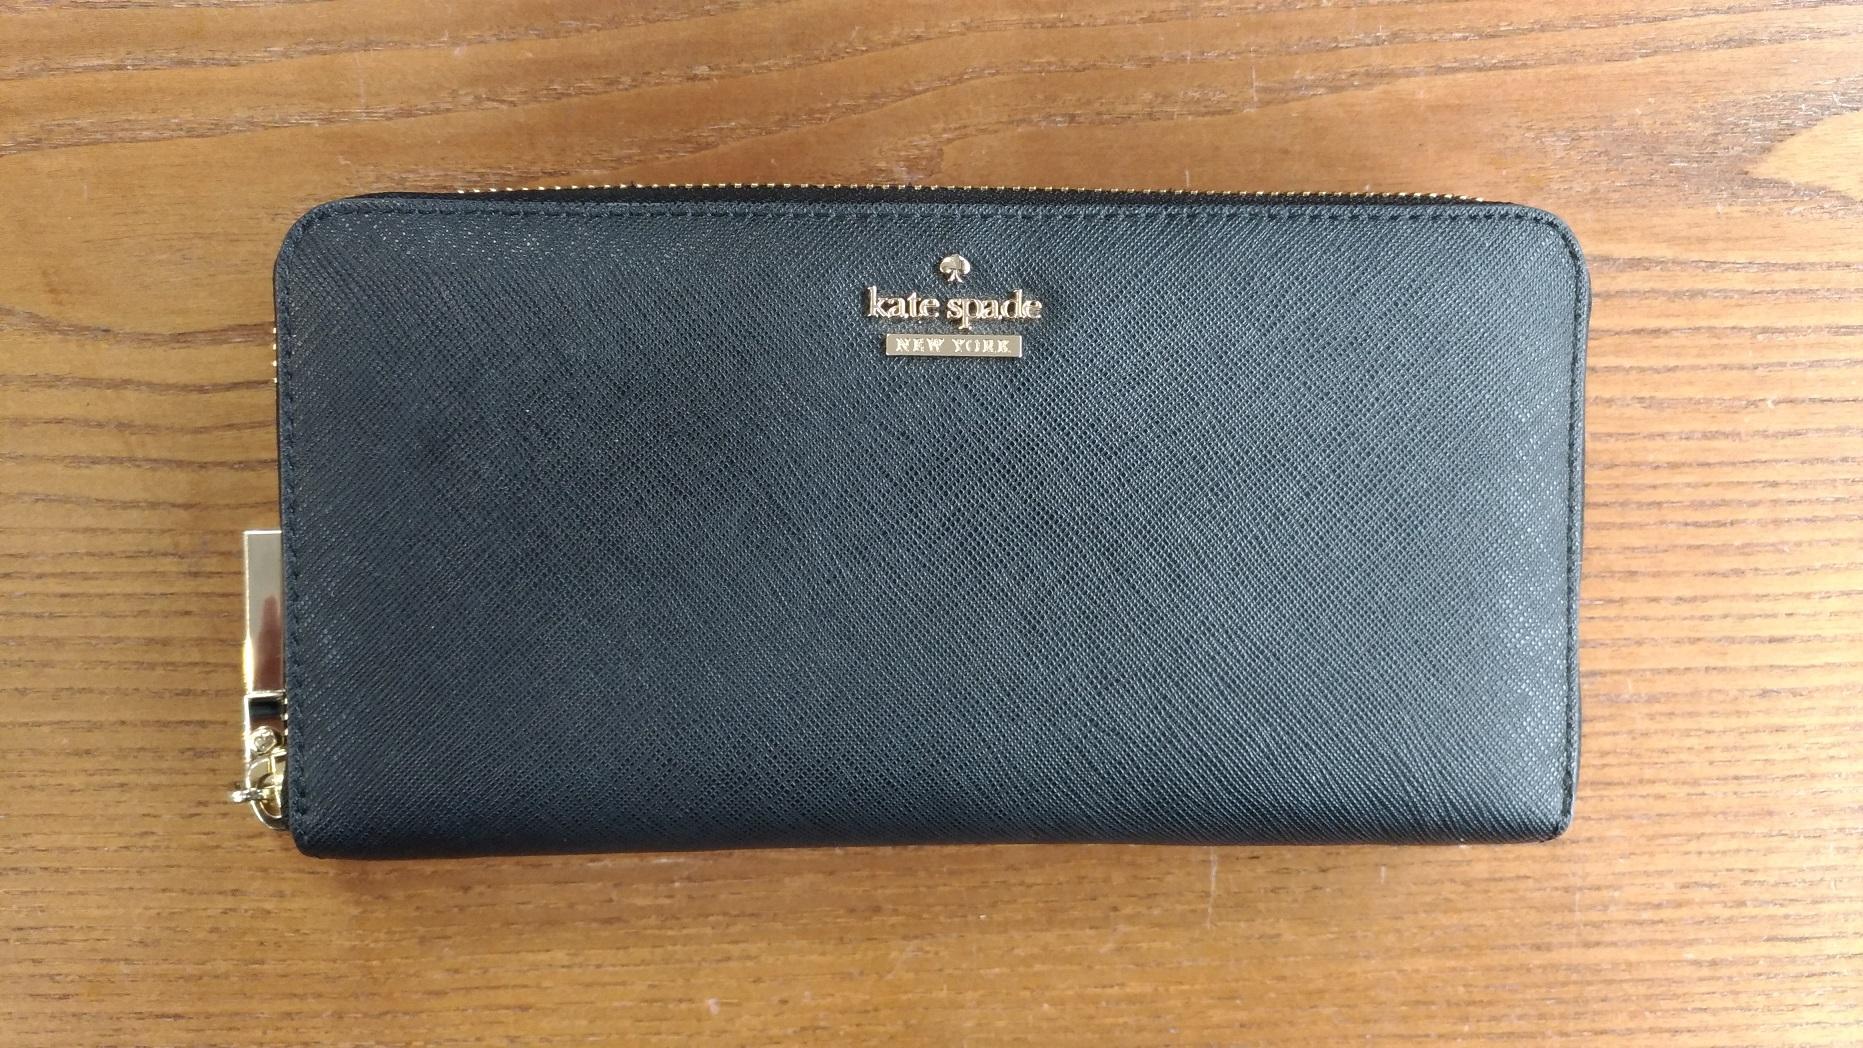 ケイトスペード長財布